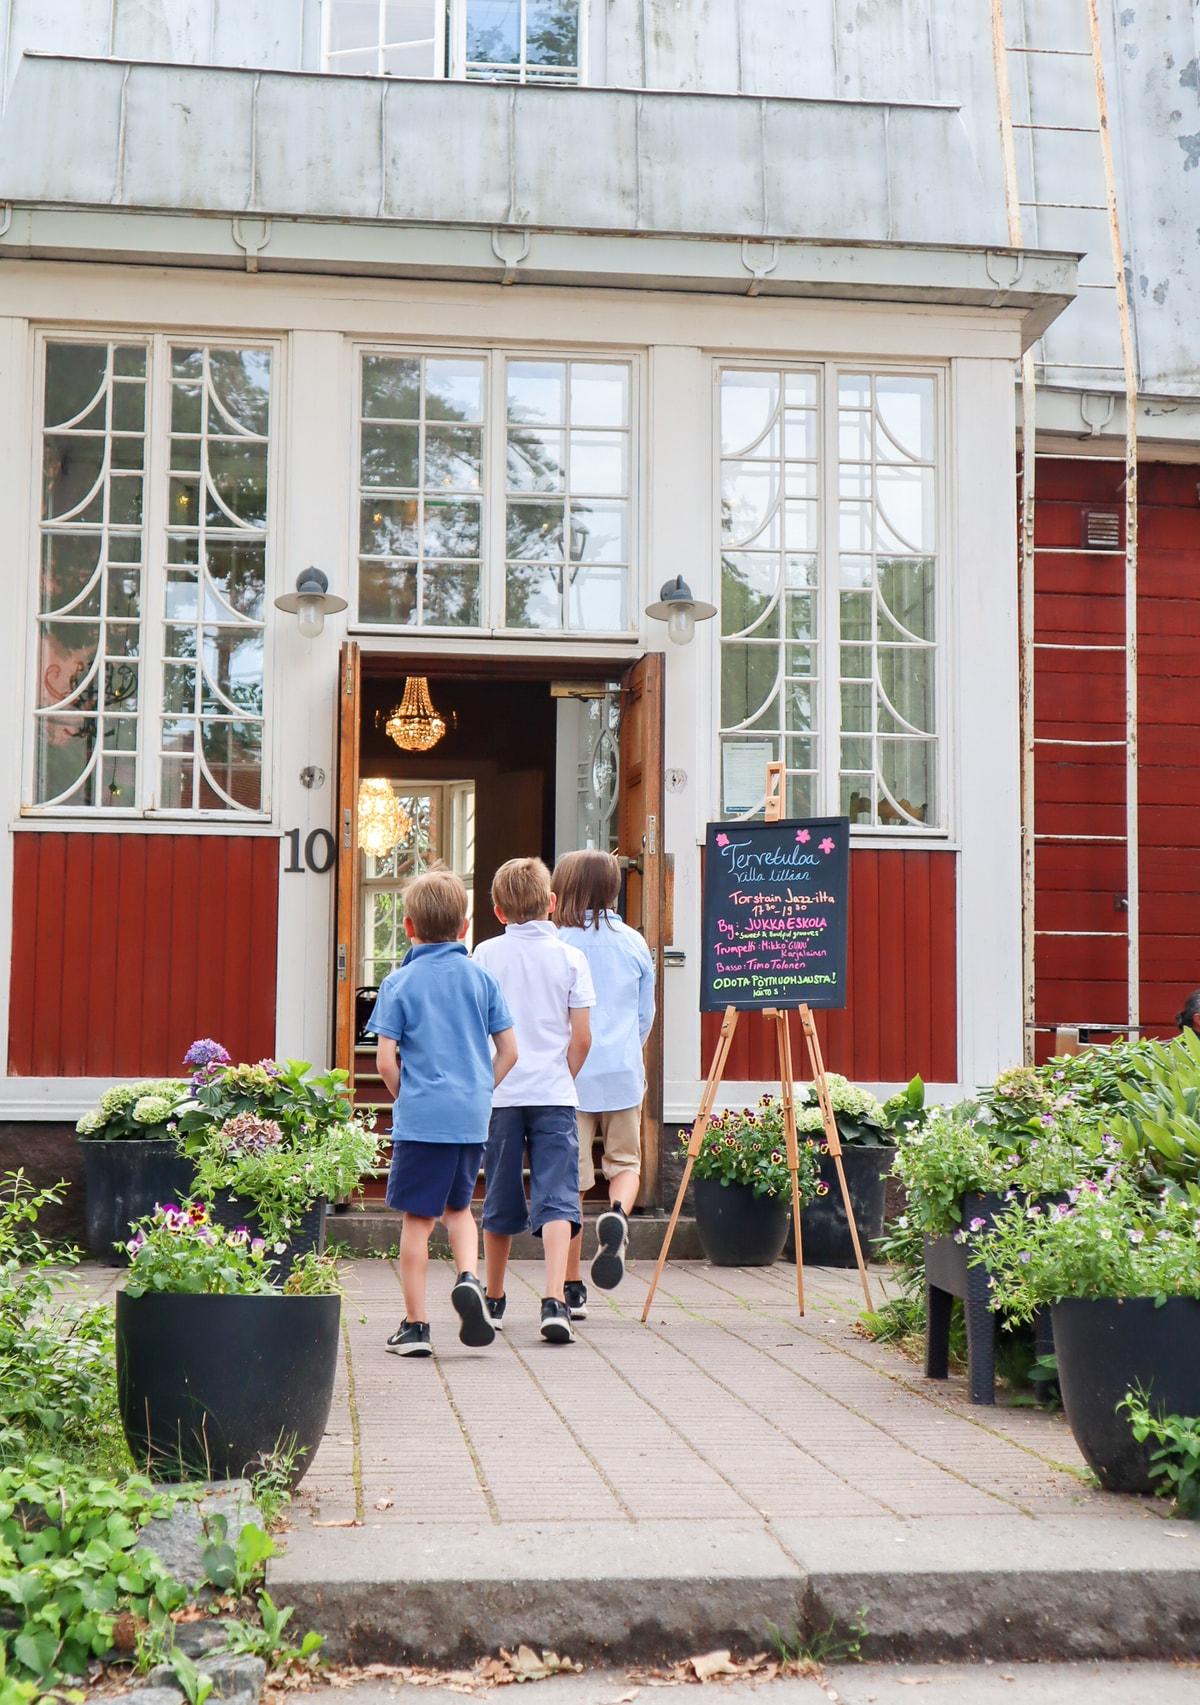 Ravintola Villa Lilla / Leppävaara / Espoo